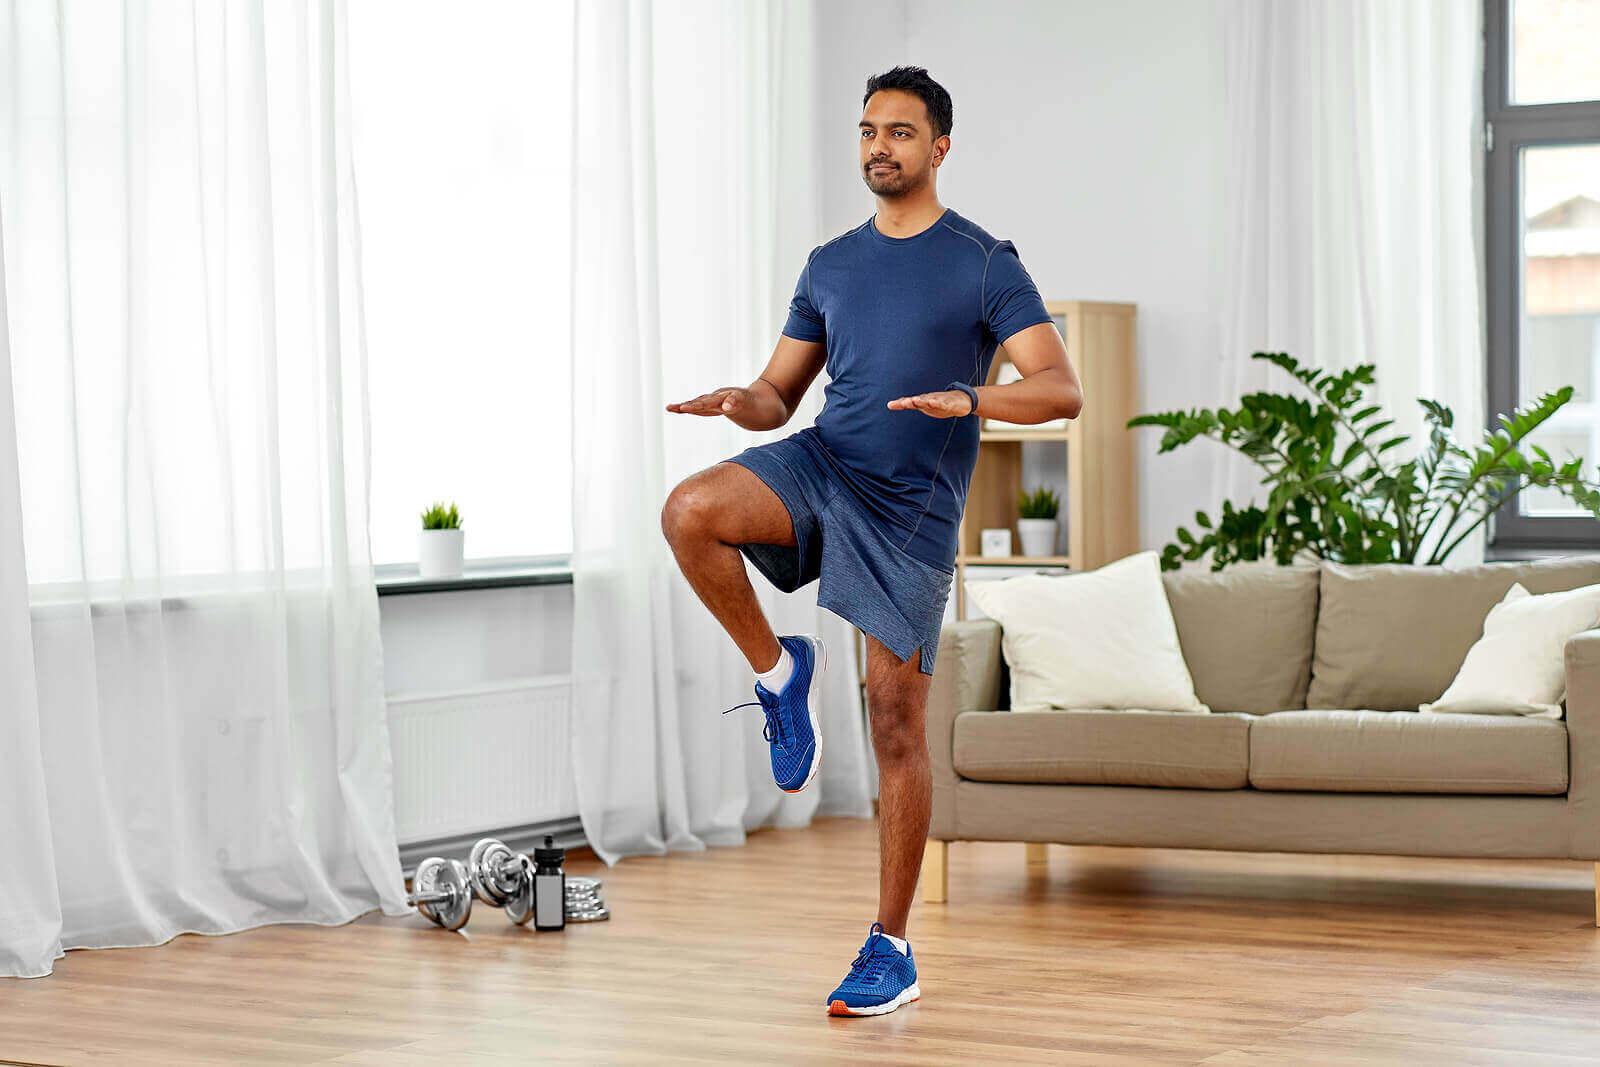 evde egzersiz yapan adam